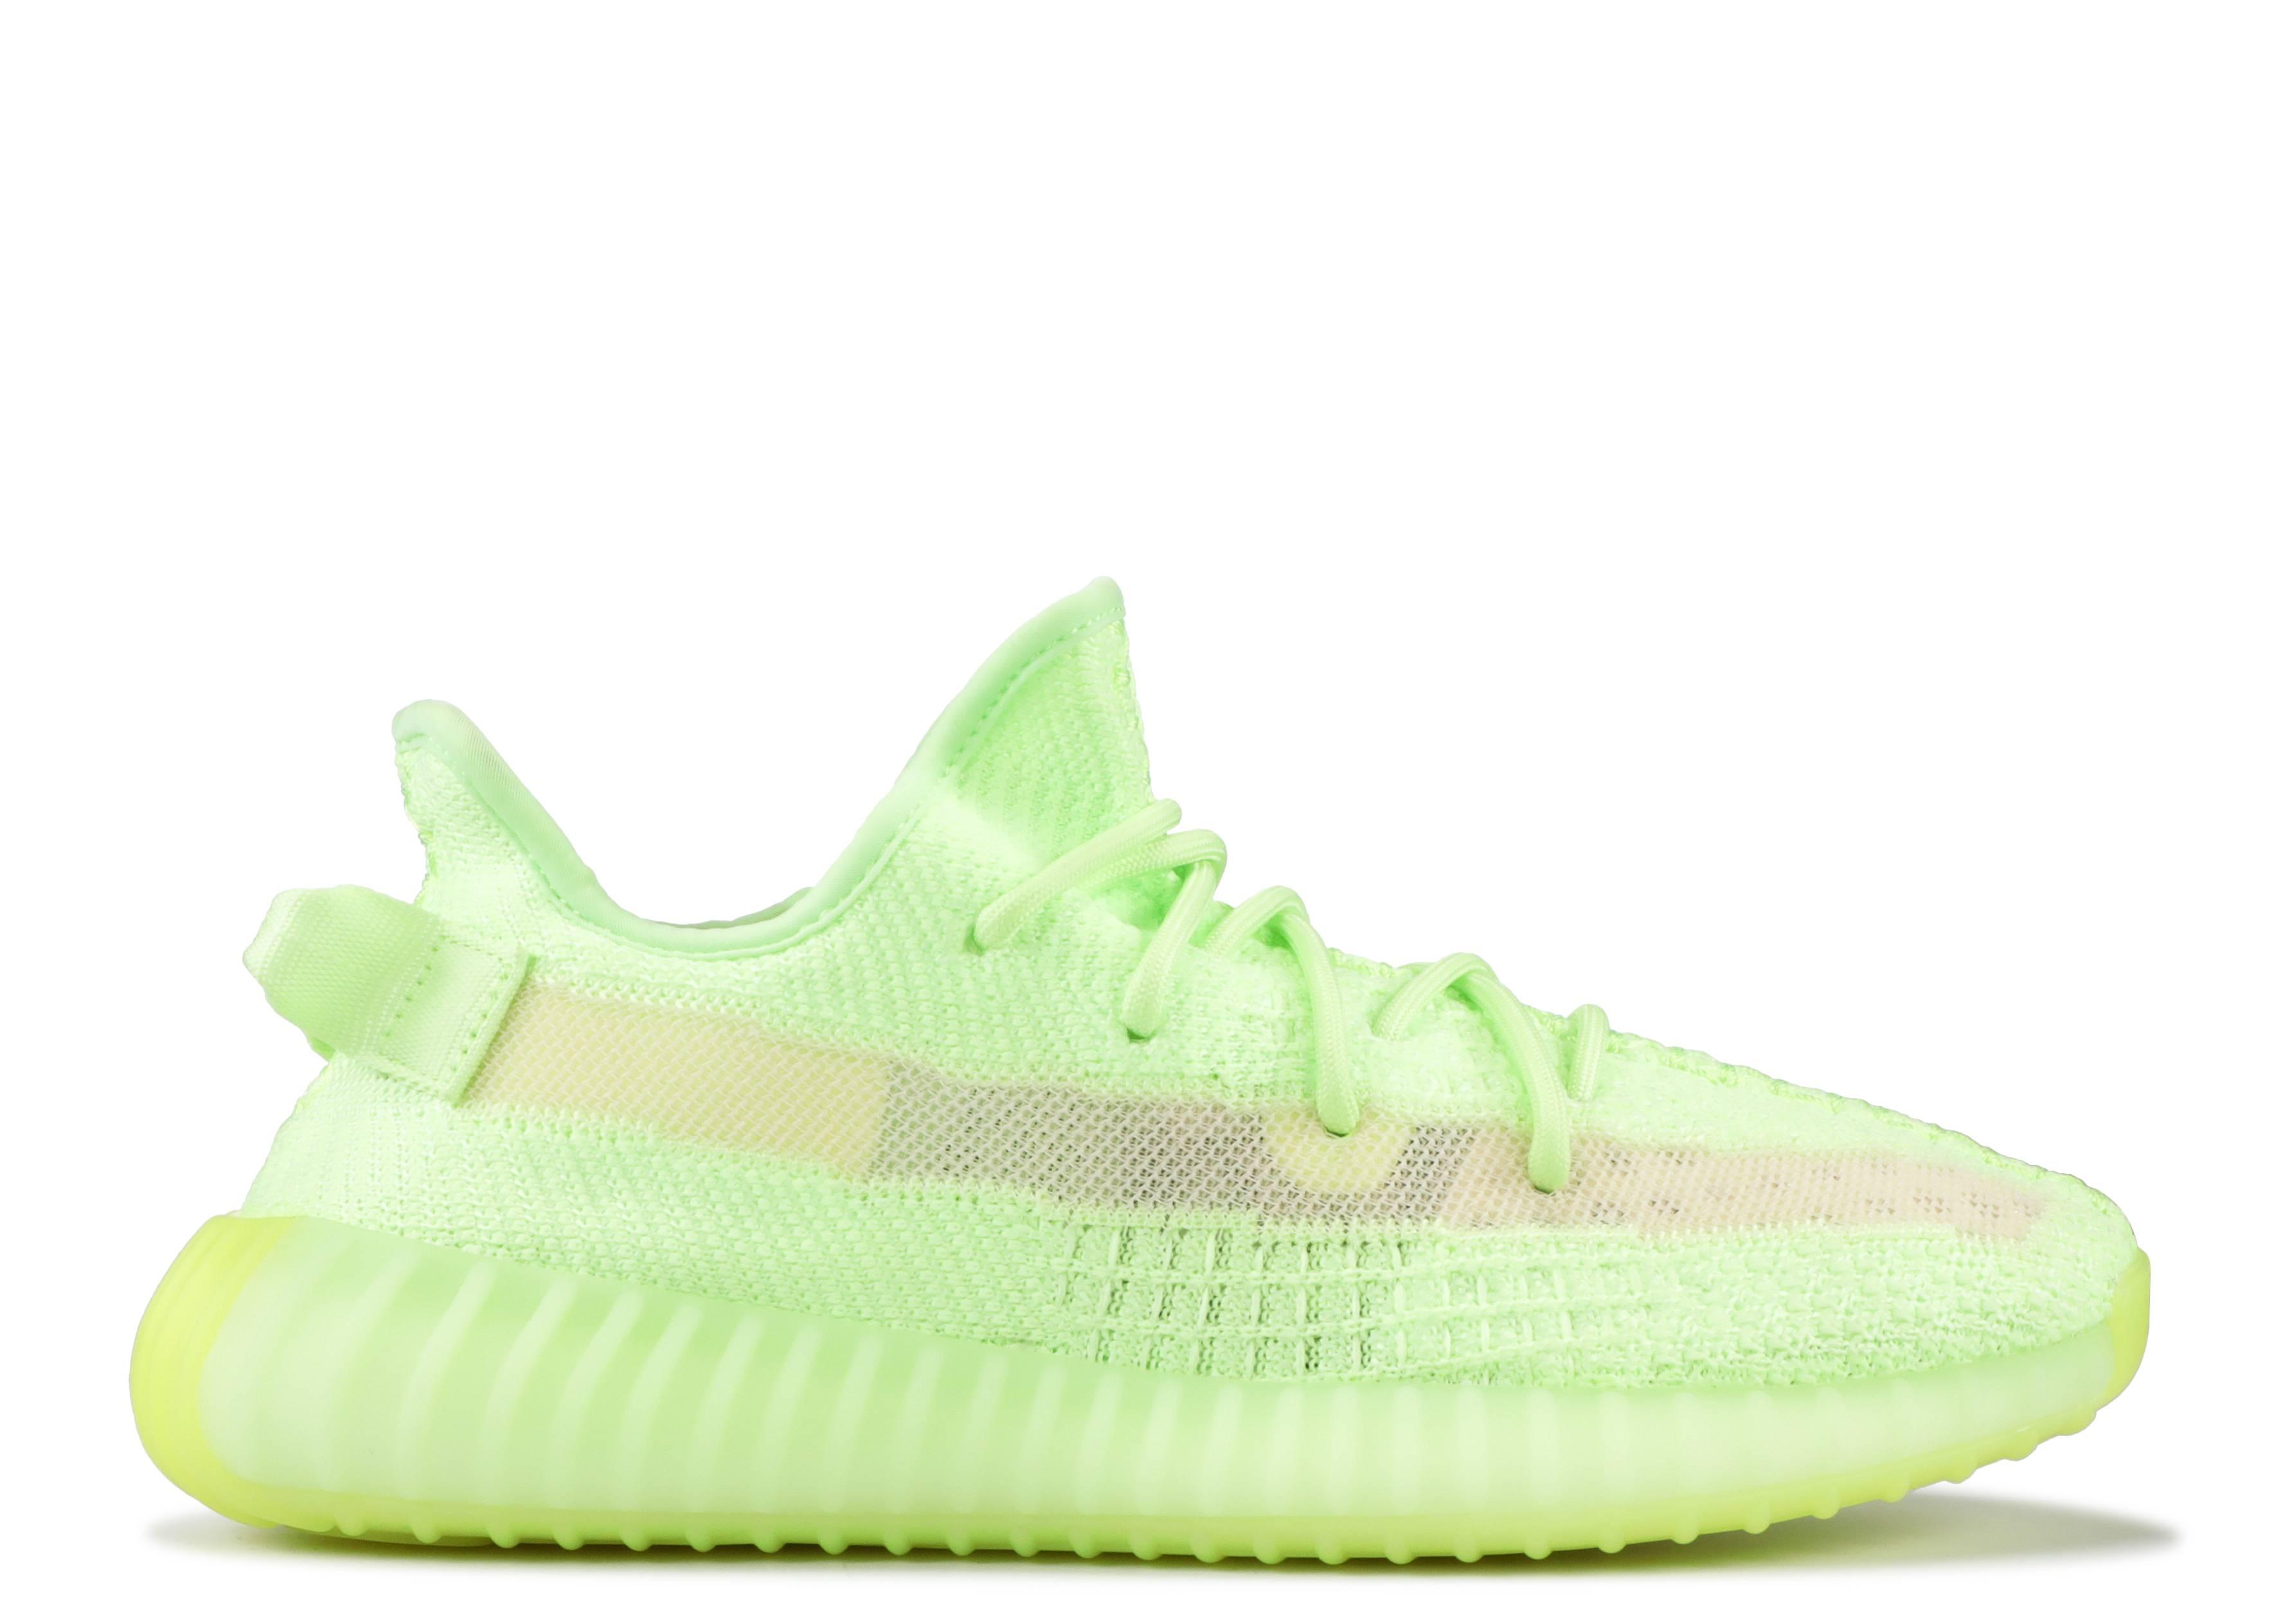 Yeezy Boost 350 V2 Gid Glow Adidas Eg5293 Glow Glow Glow Flight Club